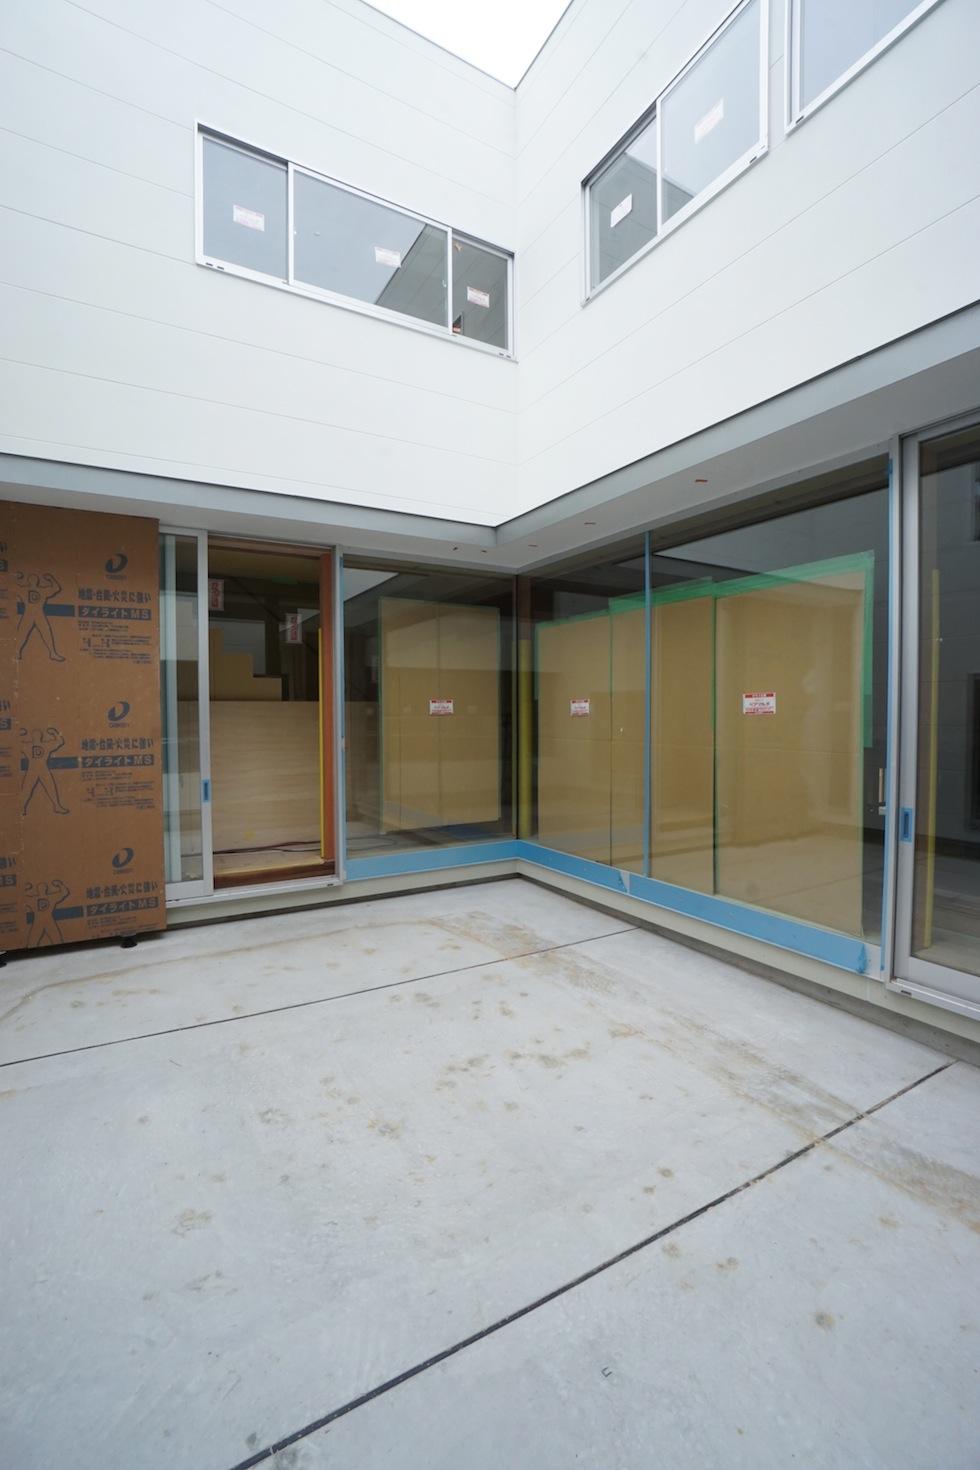 コートハウス,板貼り天井,建築家,デザイン,大阪,神戸,京都